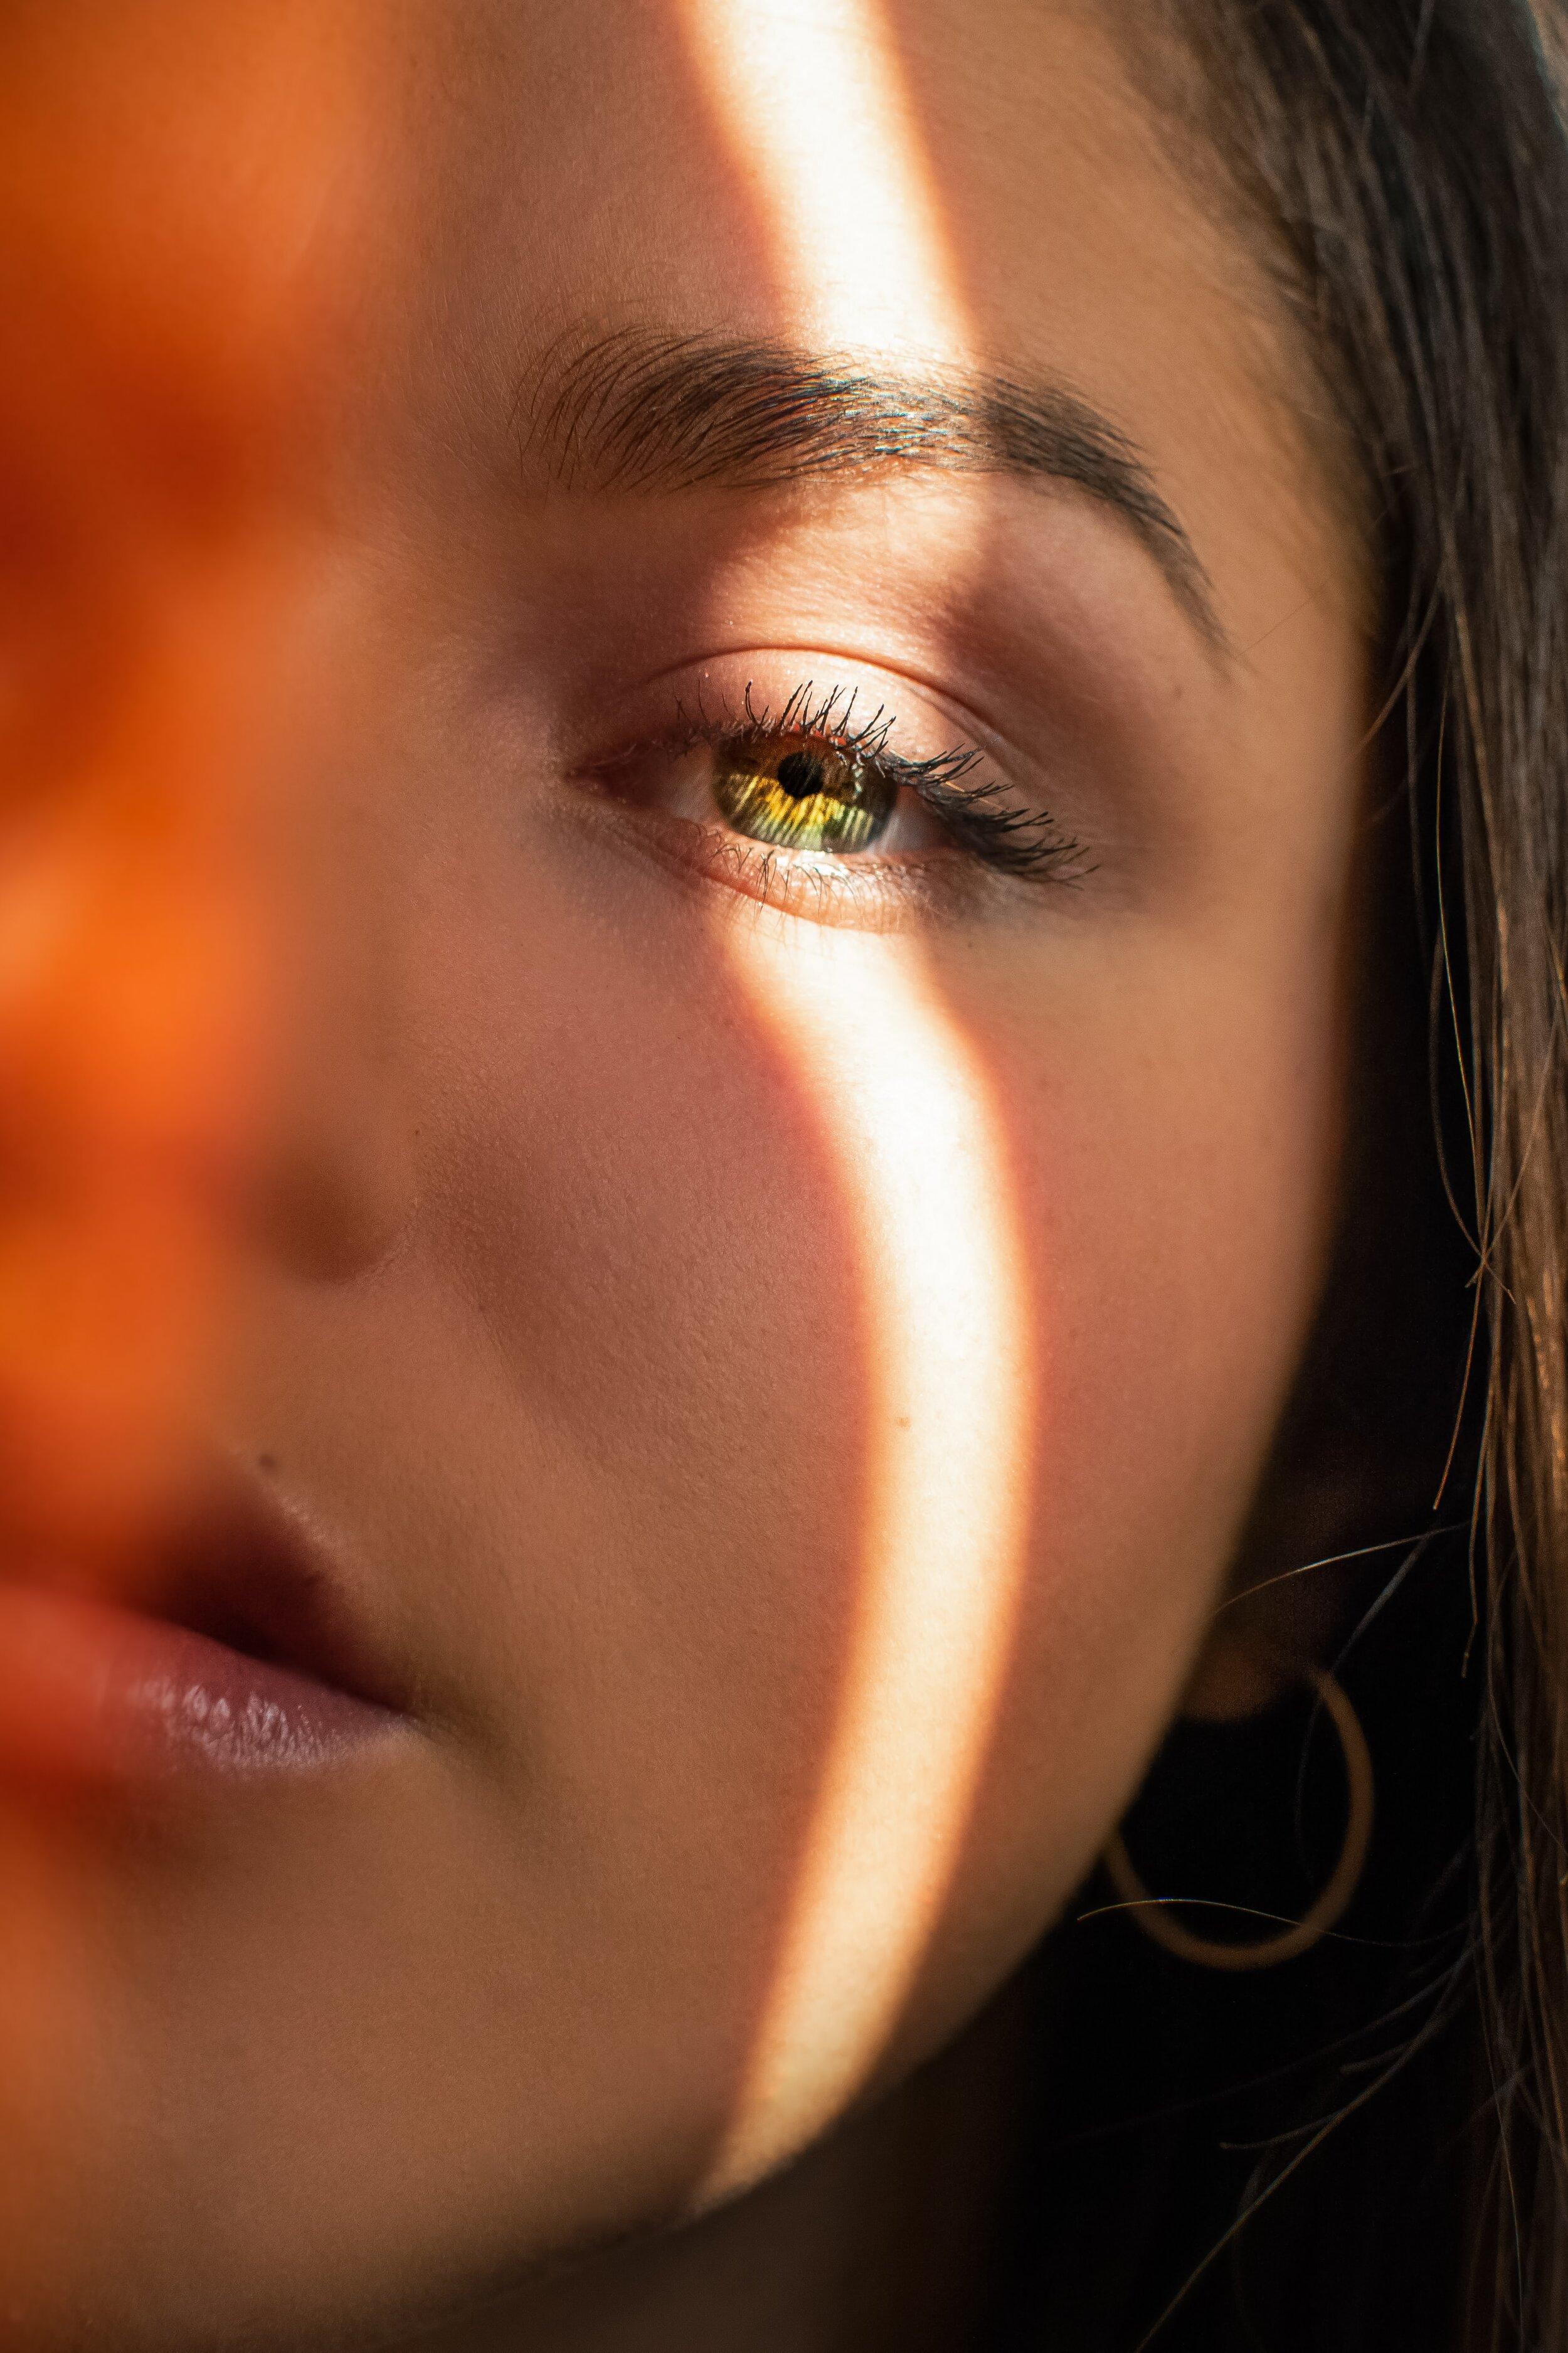 Cách dùng retinol-Vệt nắng trên mặt cô gái.